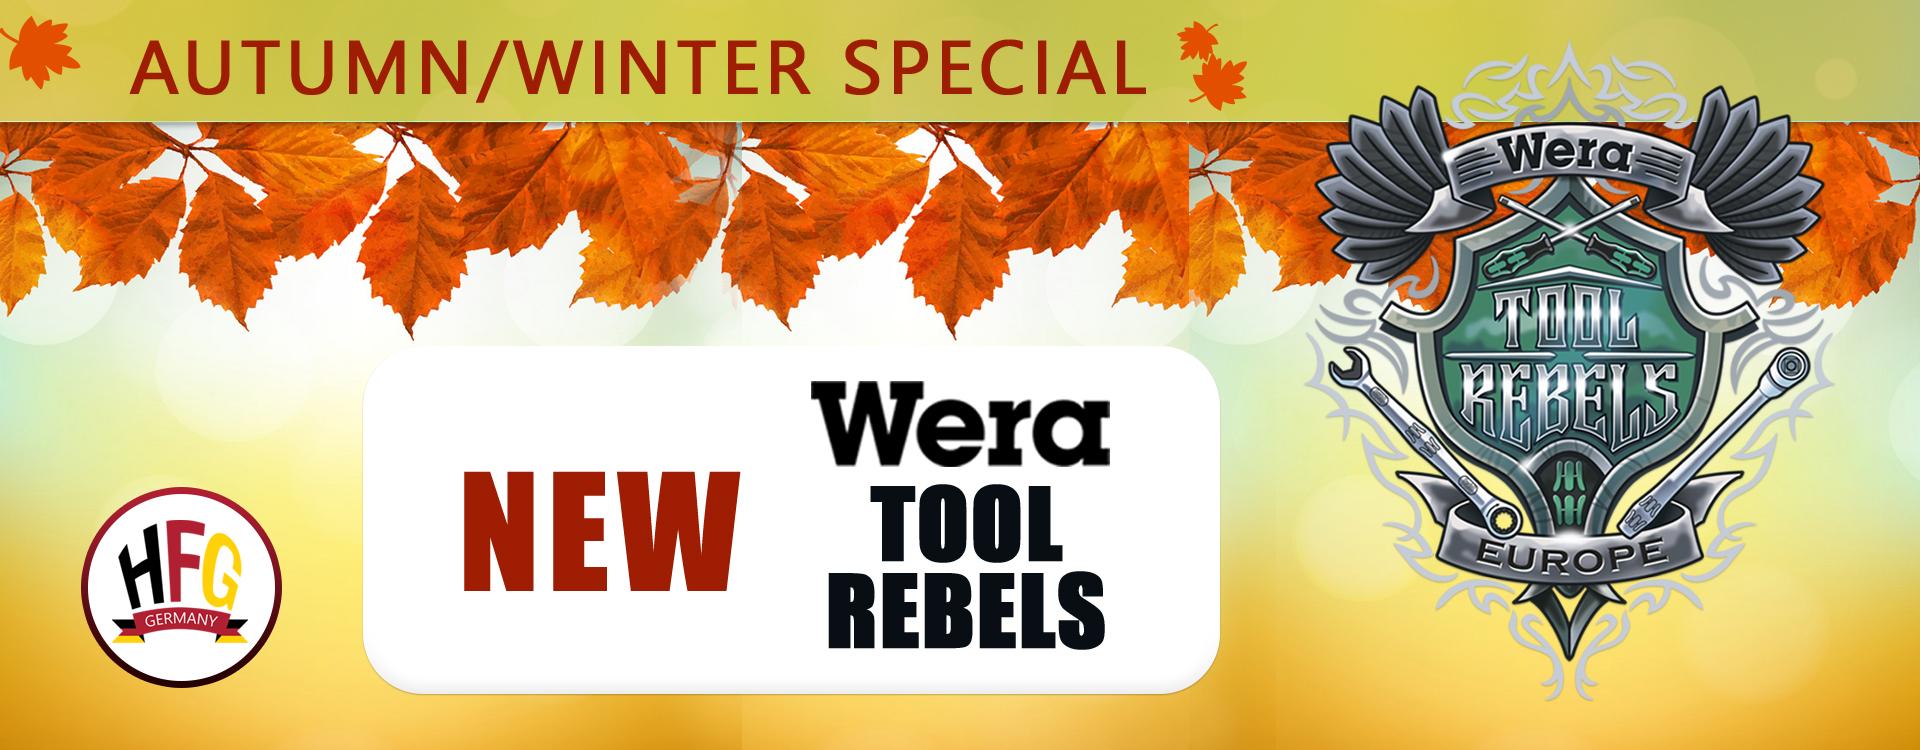 Wera Special Autumn/Winter 2020/2021